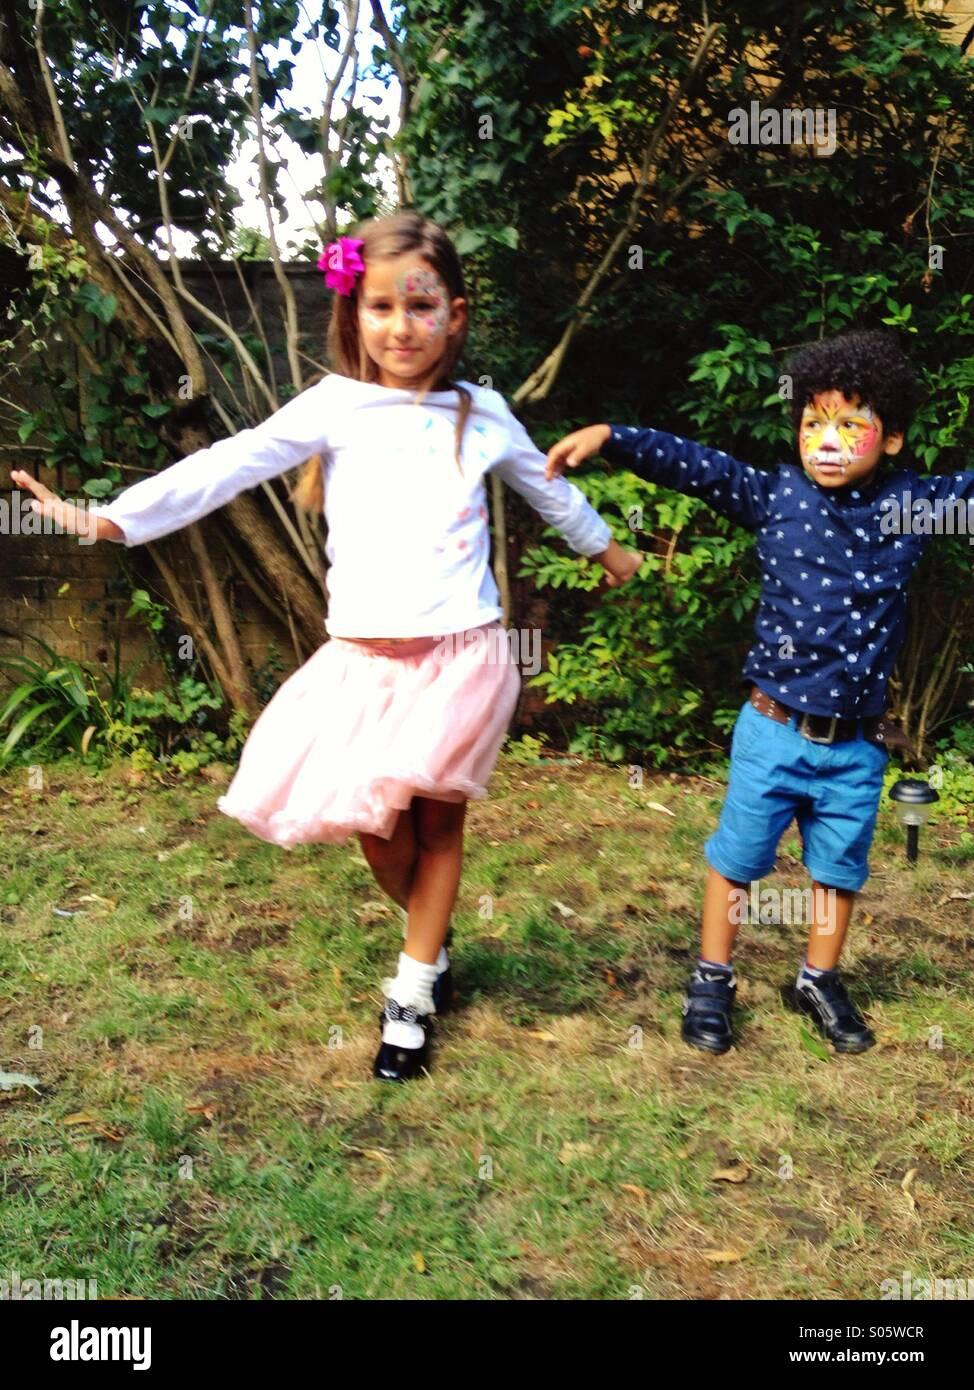 Los niños bailando Imagen De Stock